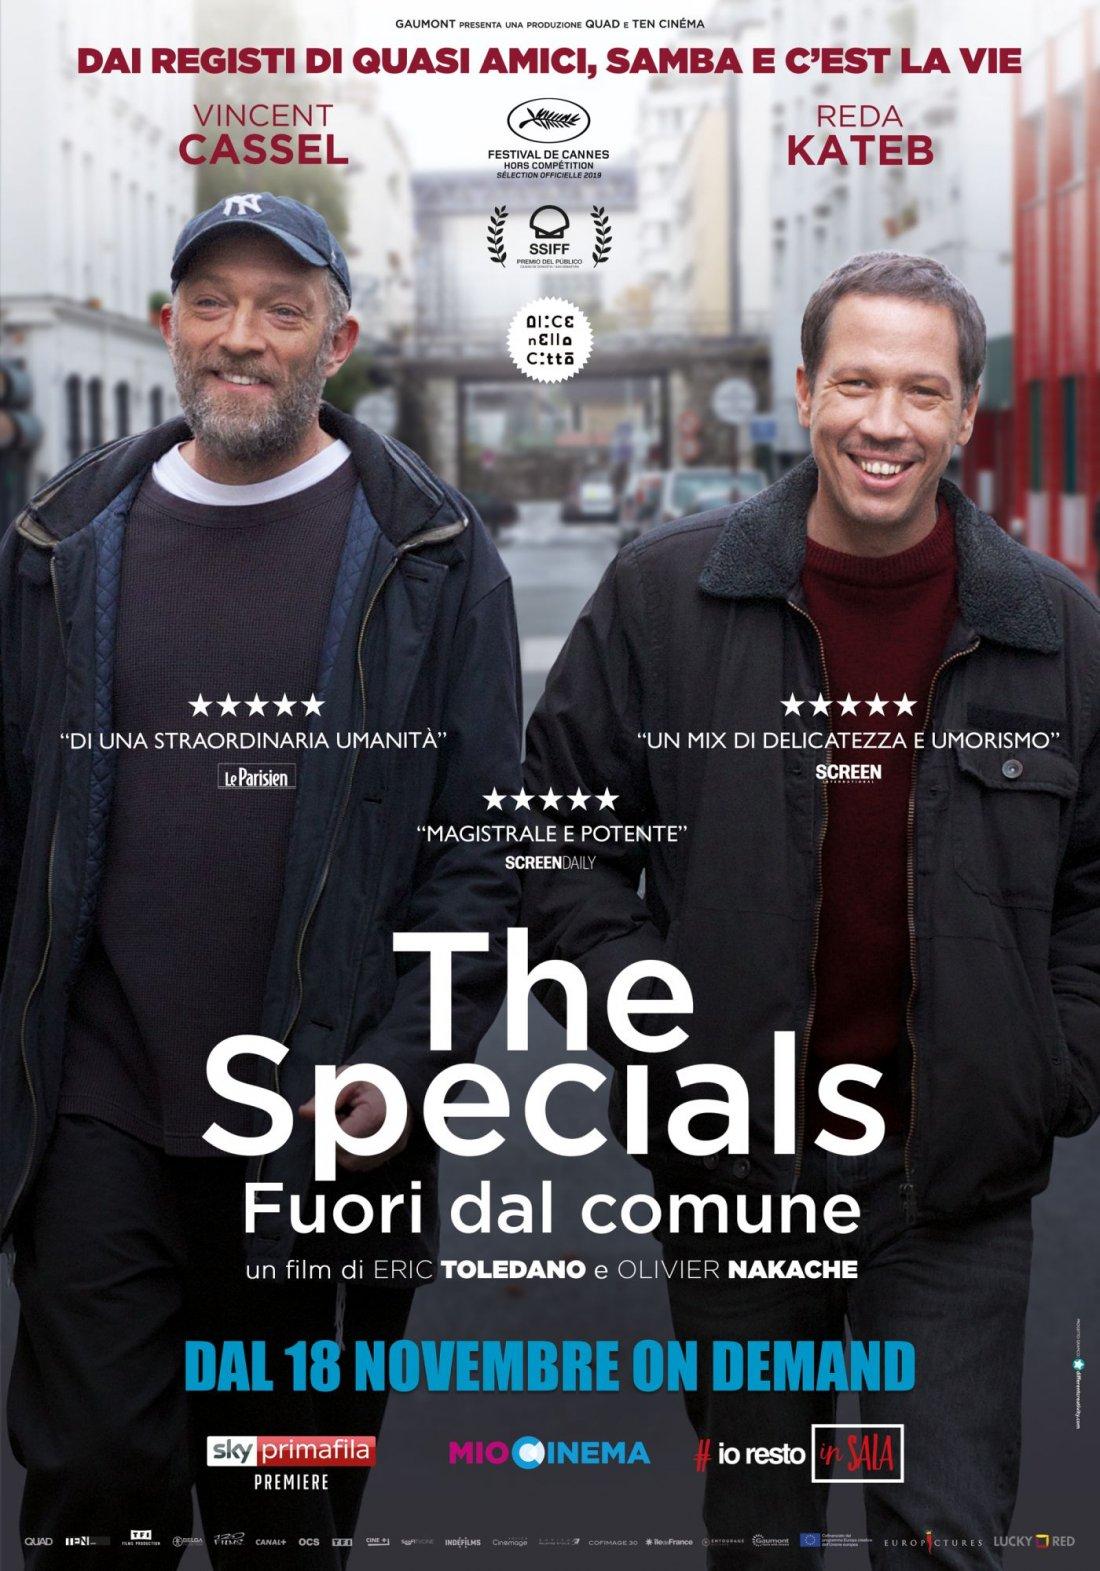 The Specials Fuori Dal Comune